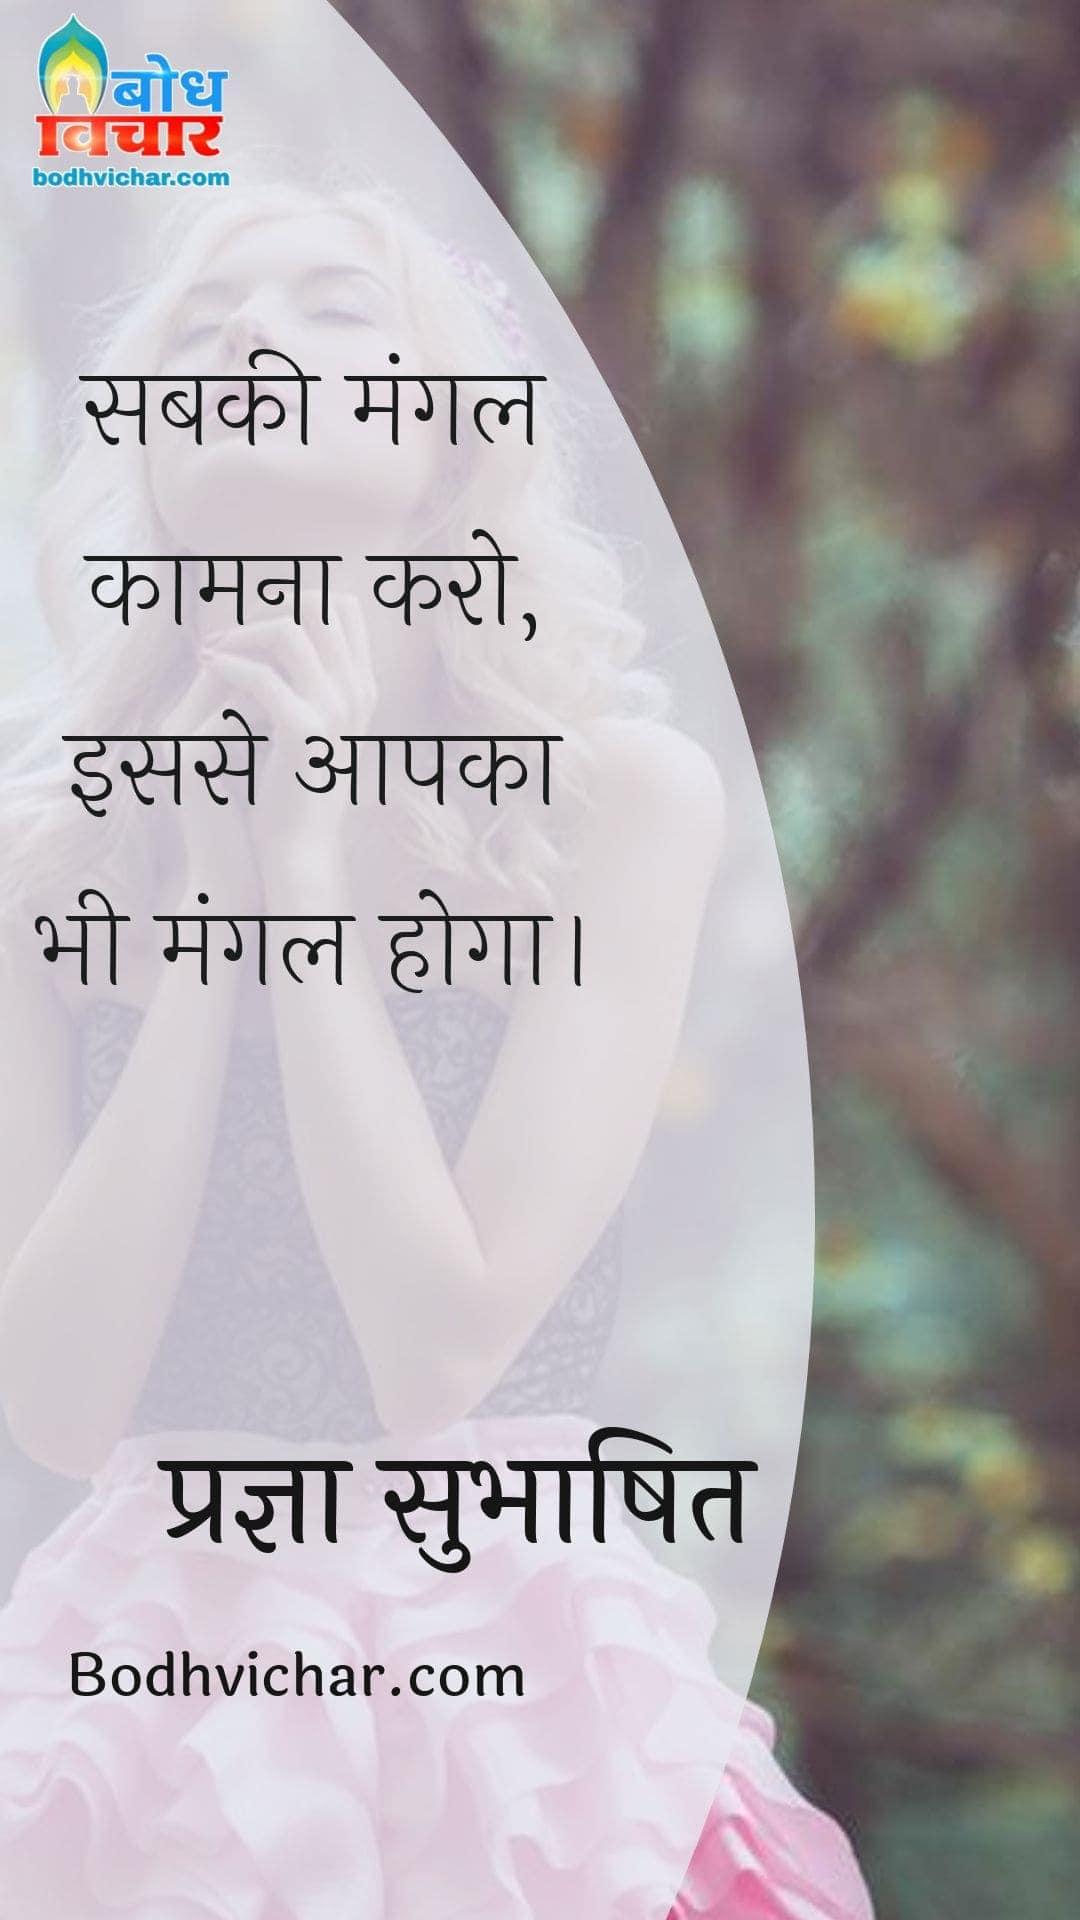 सबकी मंगल कामना करो, इससे आपका भी मंगल होगा। : Sabke mangal ki kamna karo isse aapka bhi mangal hoga - प्रज्ञा सुभाषित